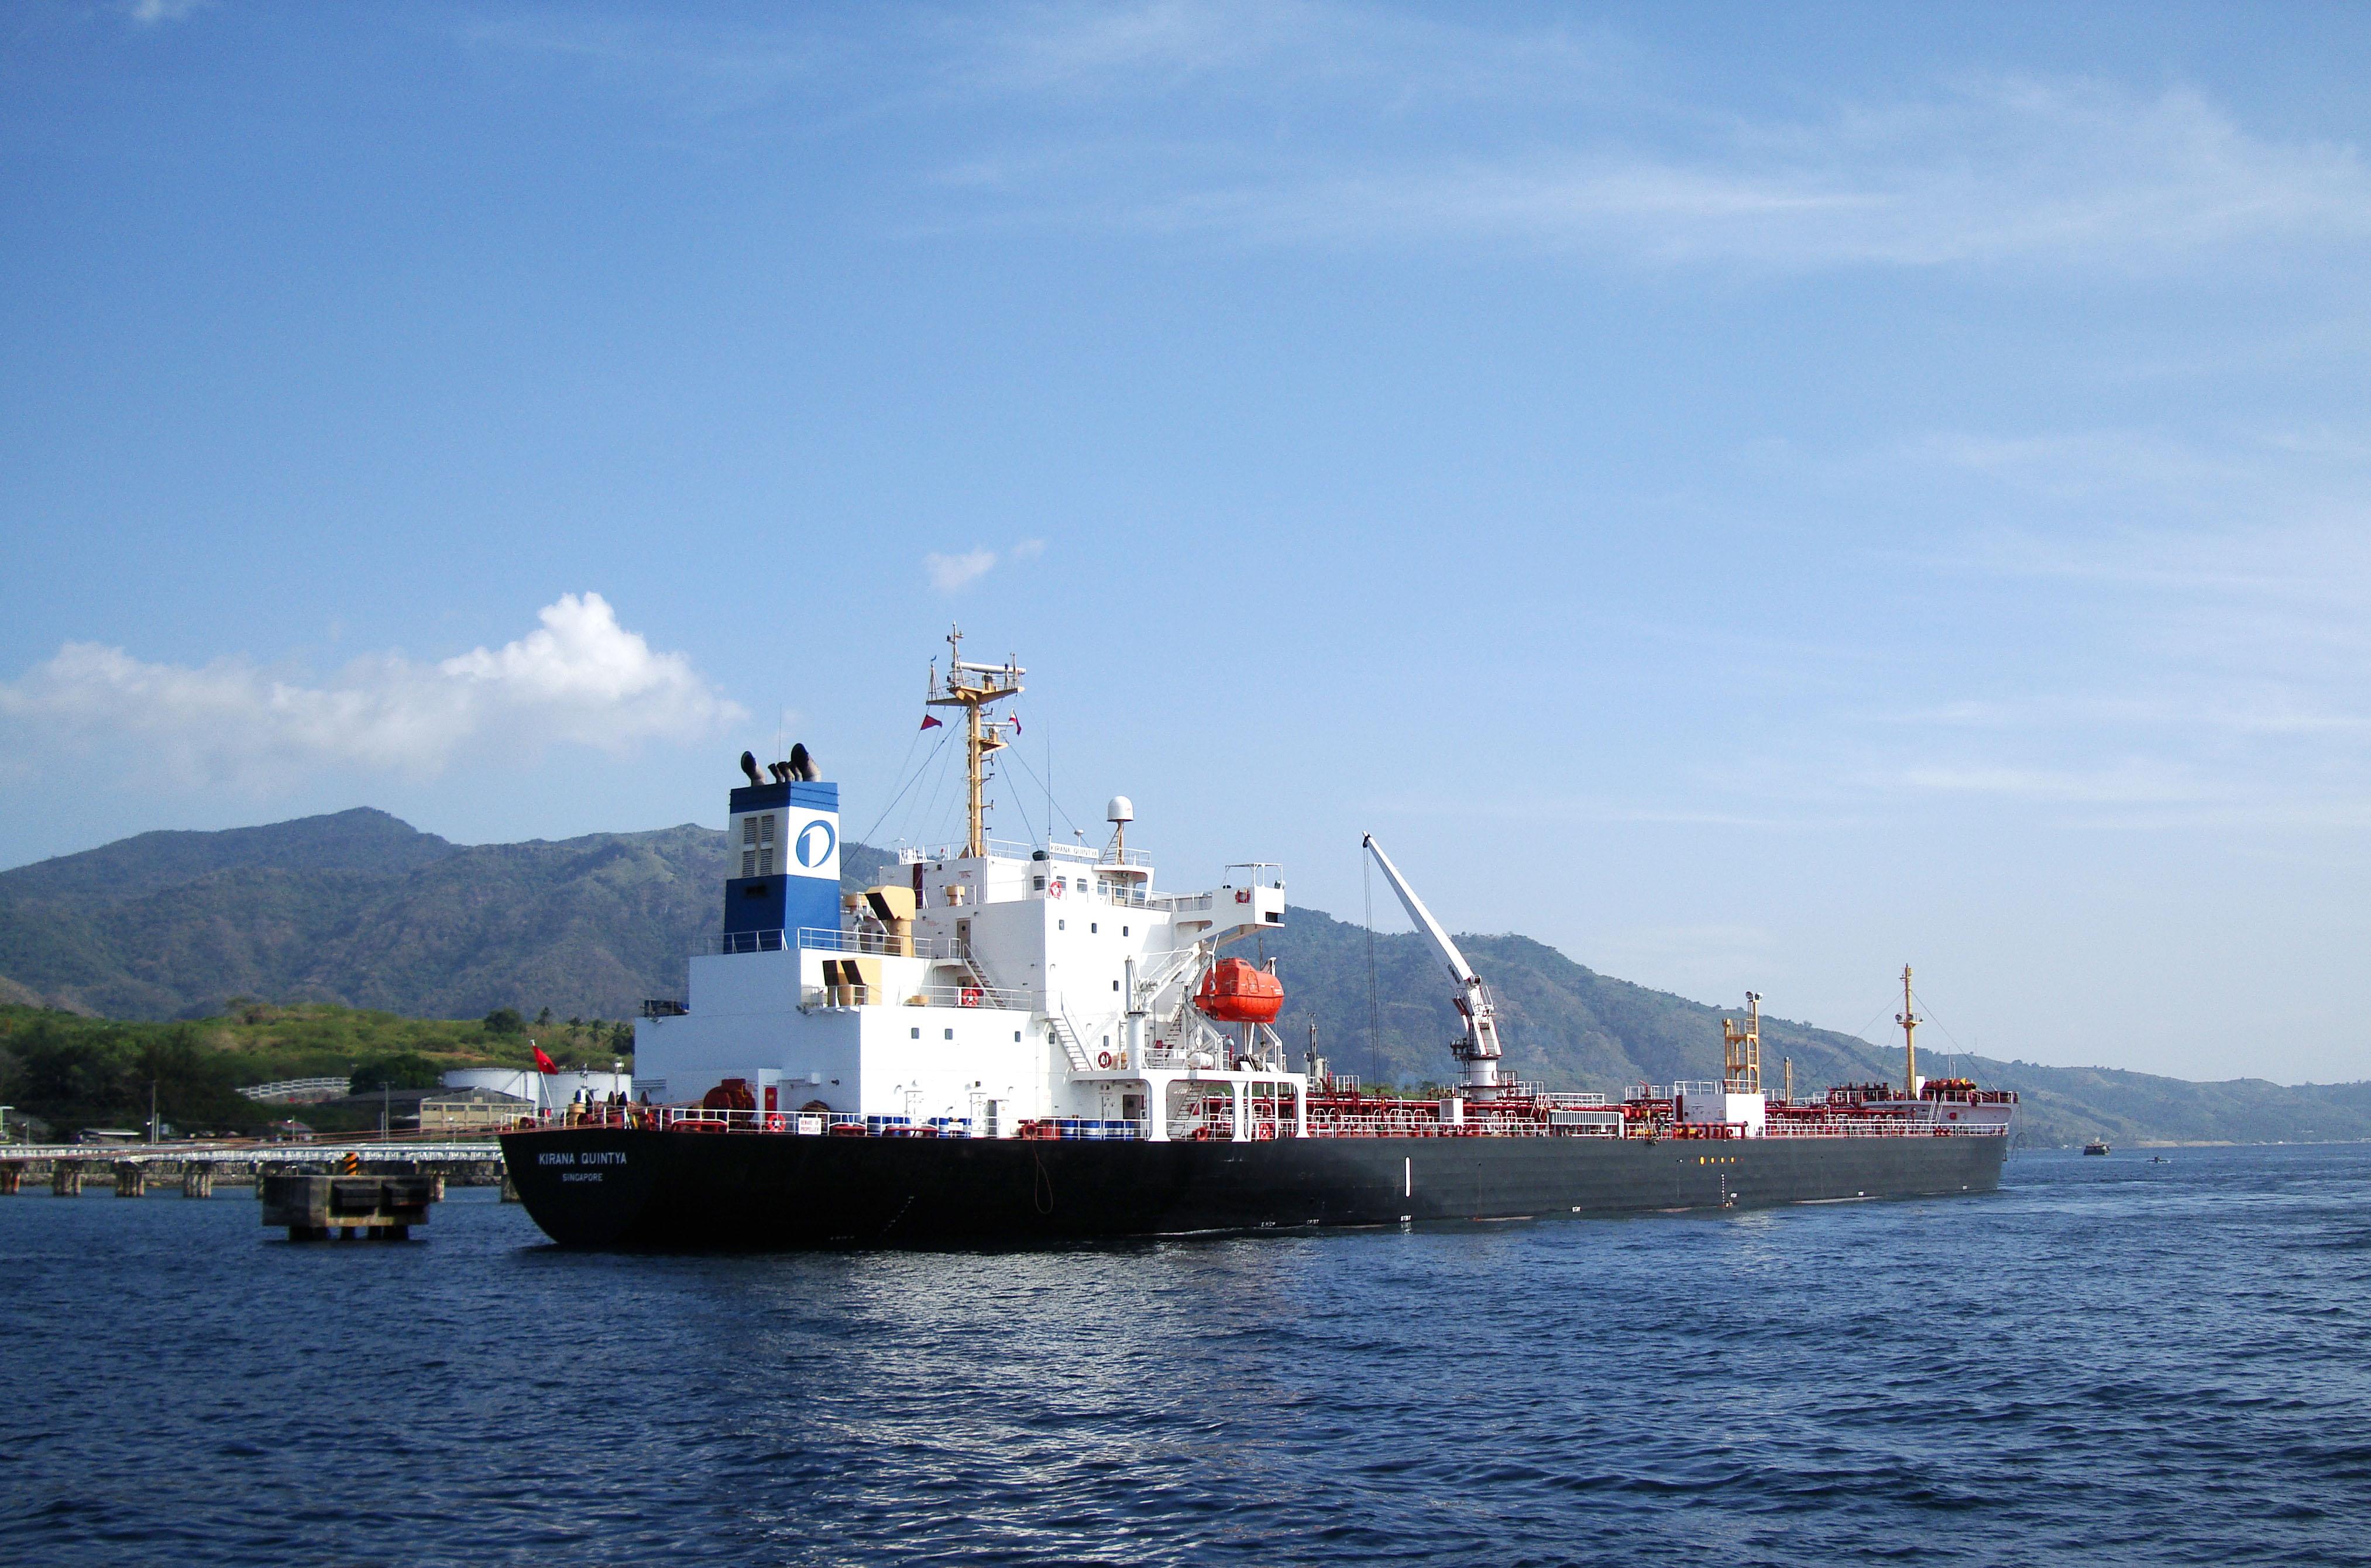 MV Kirana Quintya Batangus Philippines 09